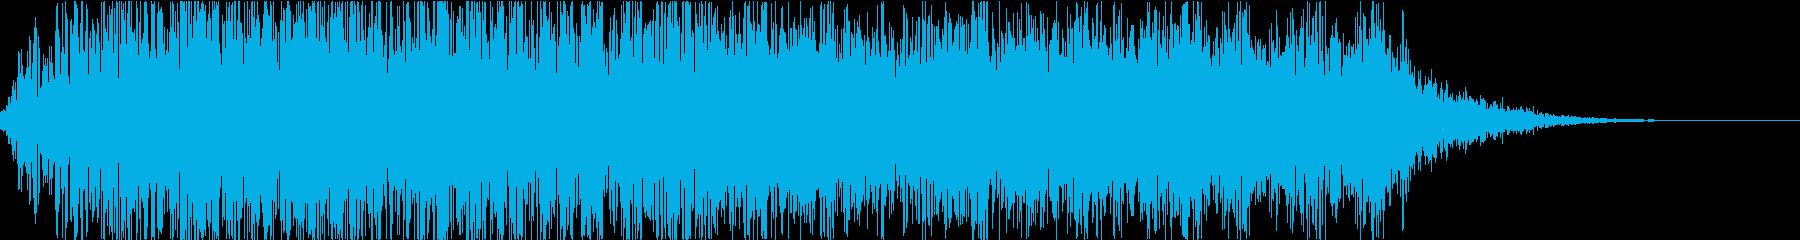 怪物・モンスターの鳴き声・ゲーム・映画fの再生済みの波形